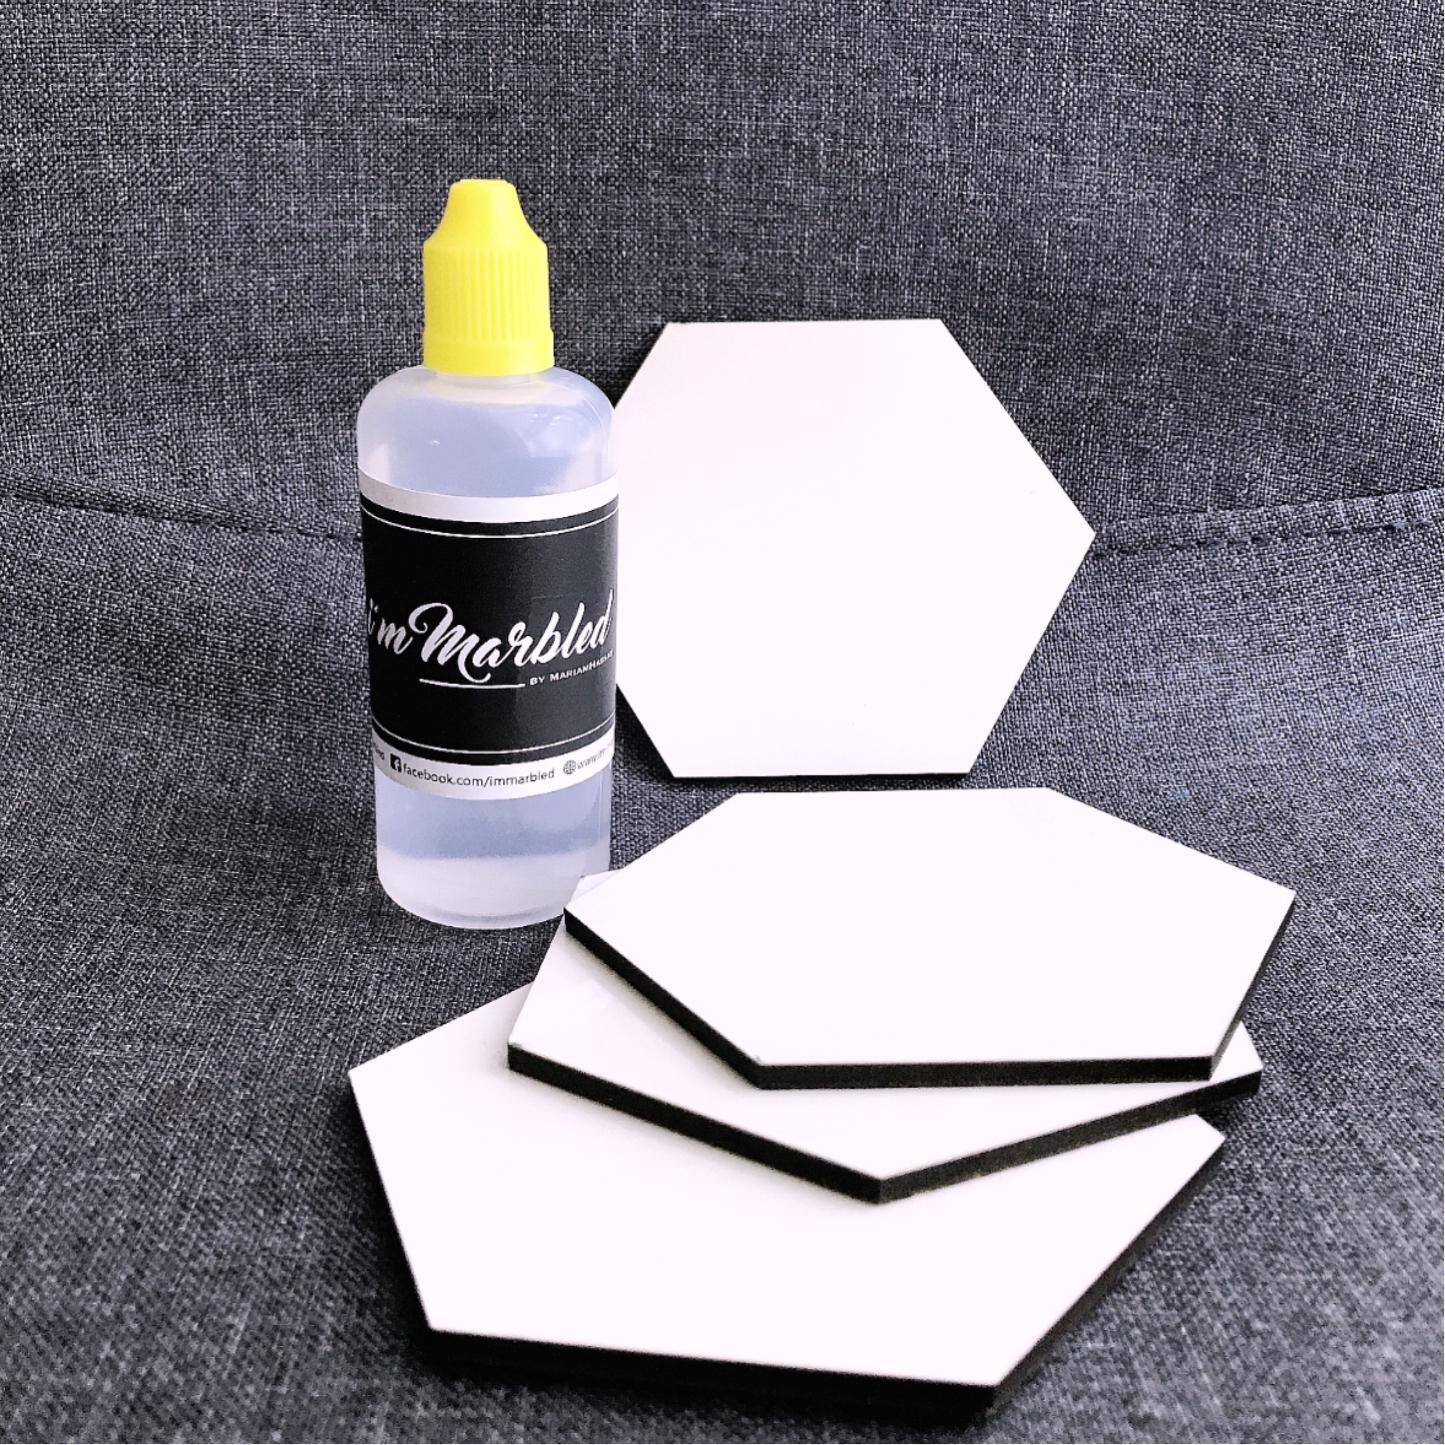 Virtual marker ink workshop + coaster kit